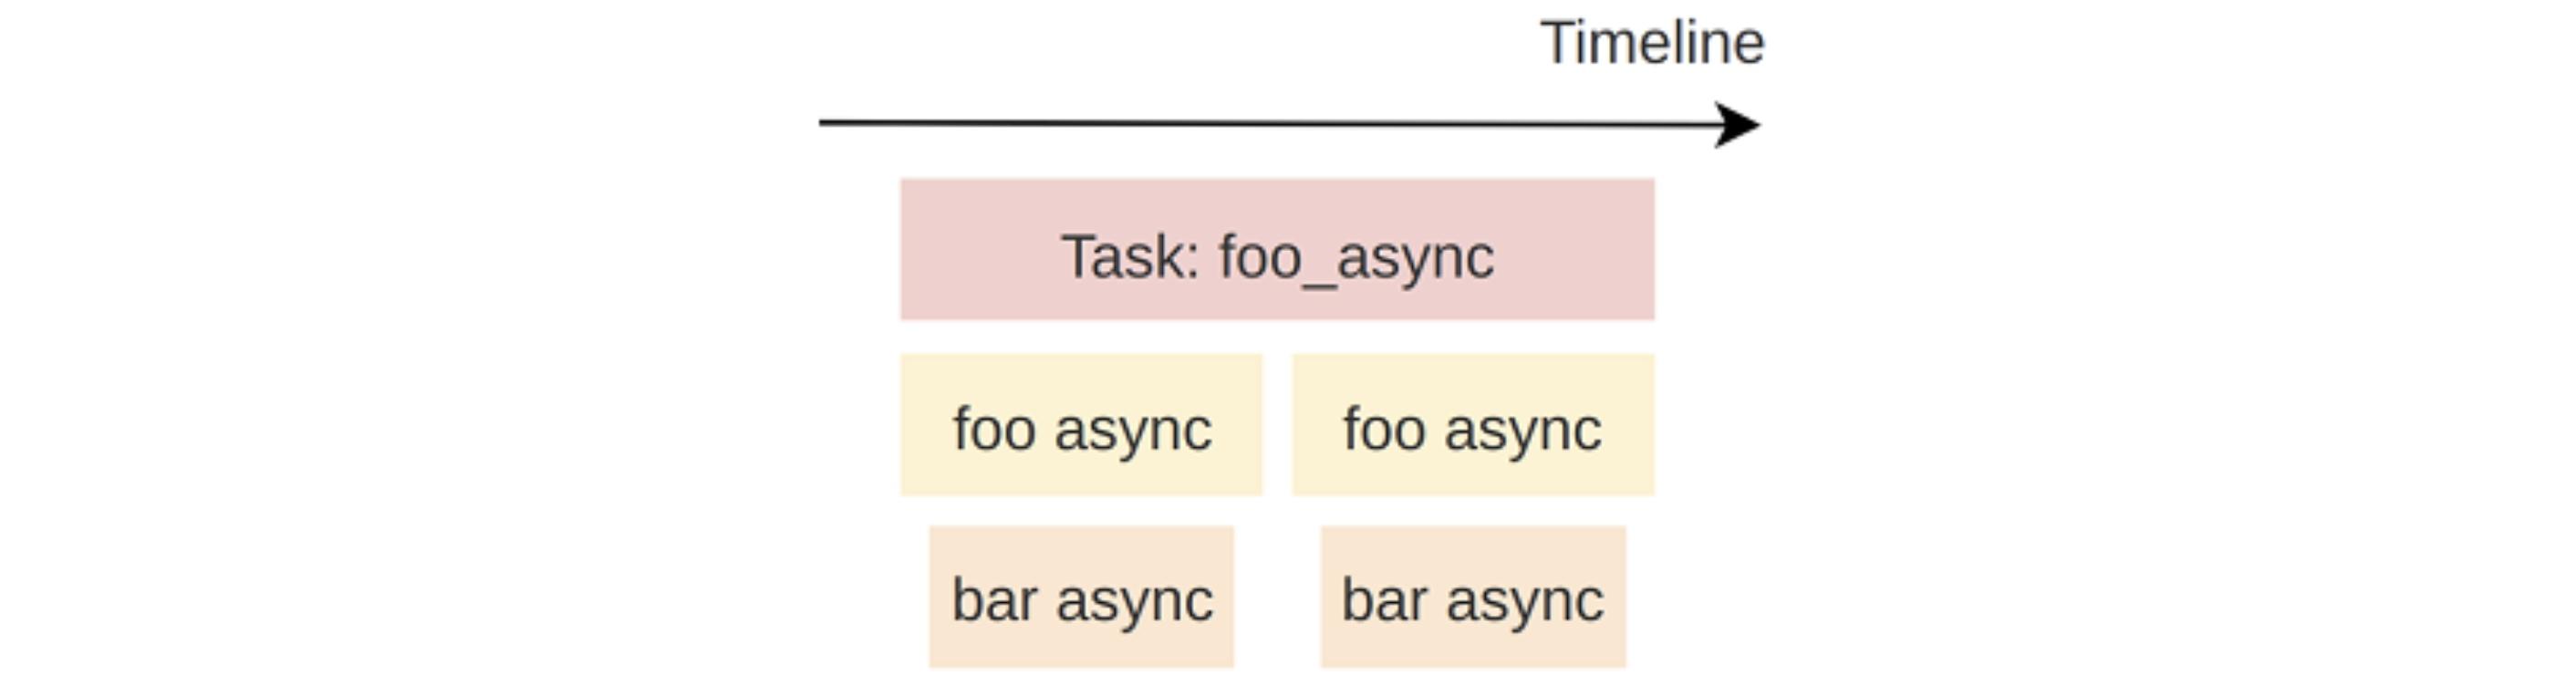 Trace the foo_async task